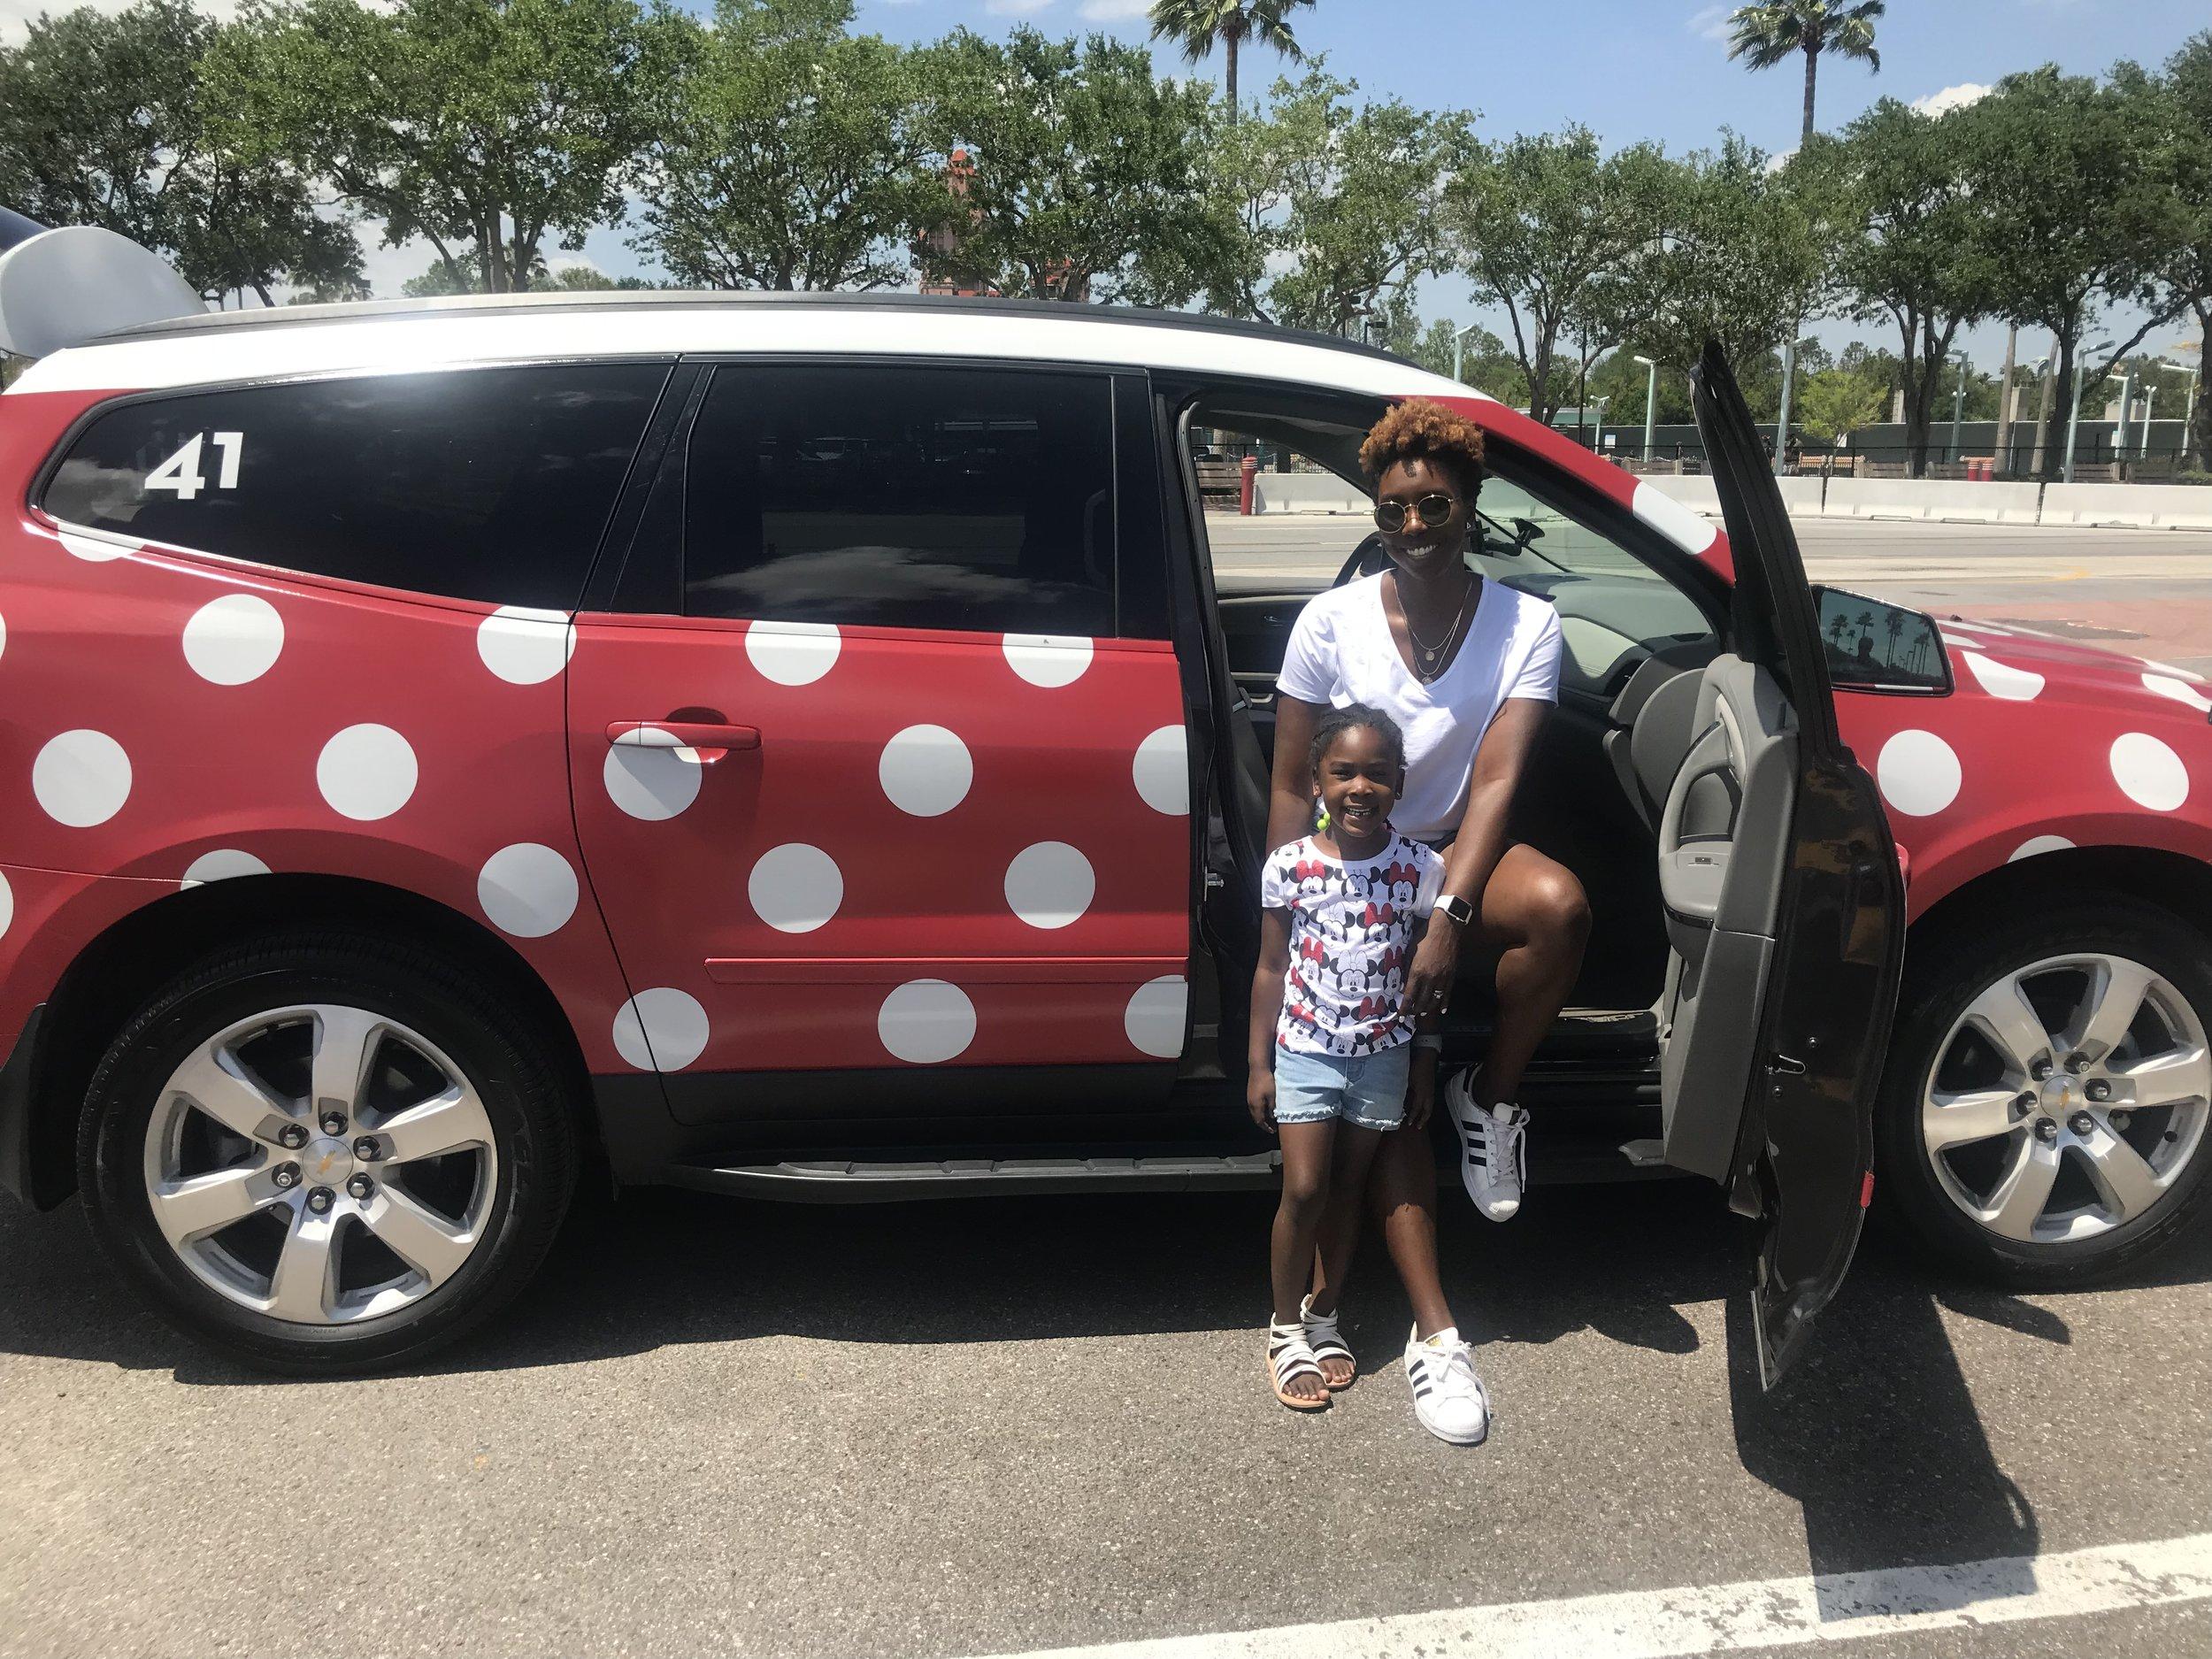 Disney-with-toddlers-minnie-van-lyft-ride-dayna-bolden-3.jpg